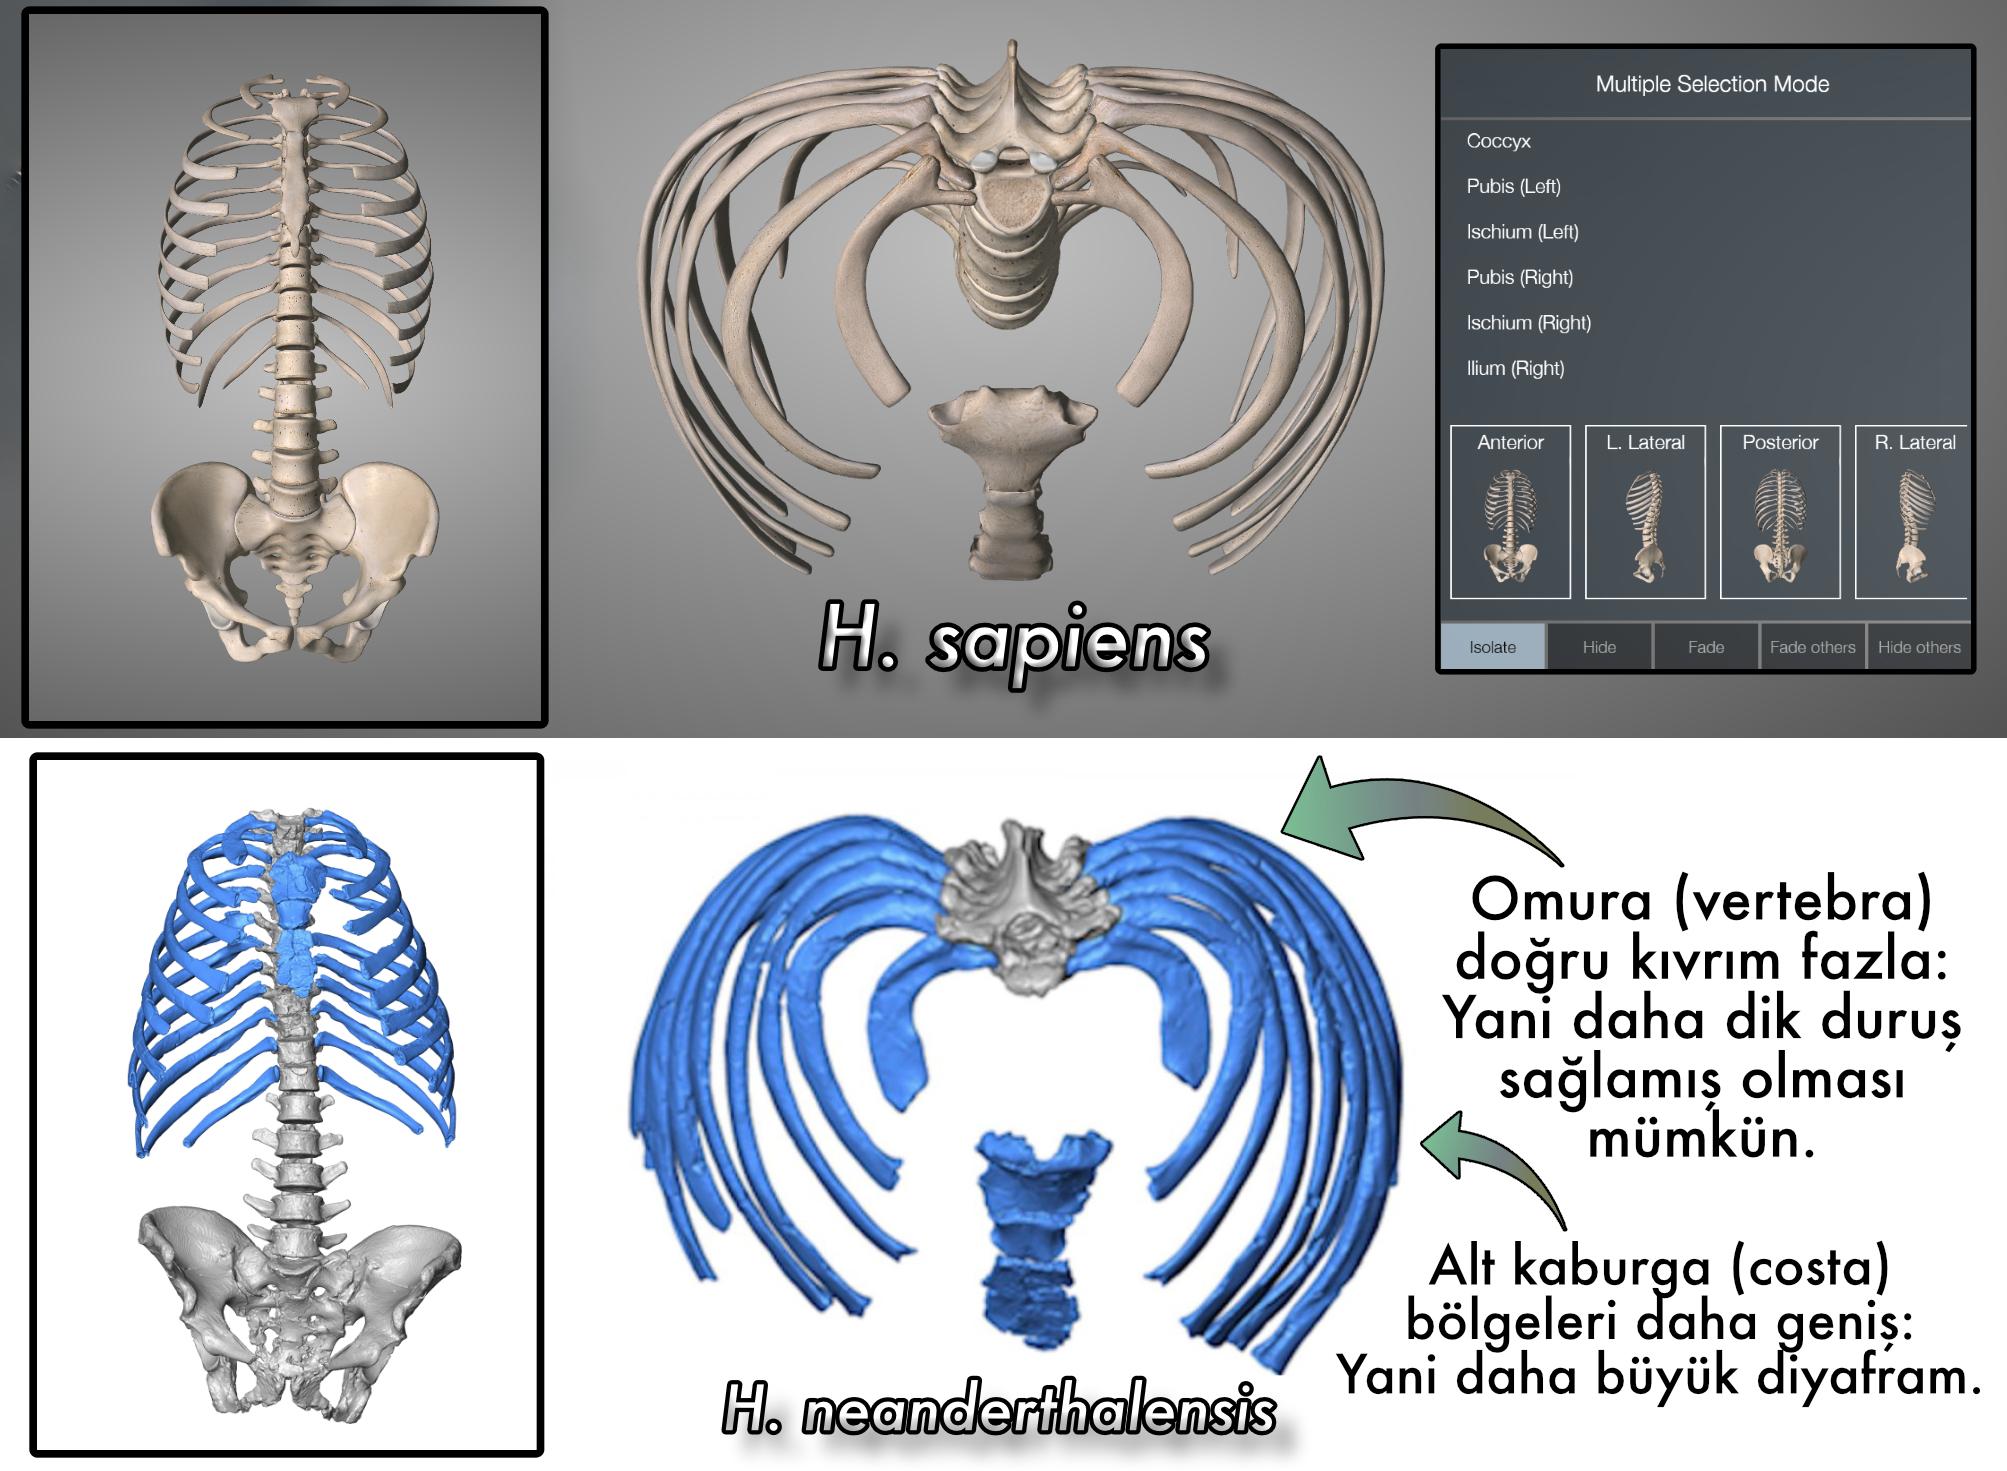 Üstte insan, altta ise neandertal göğsünün karşılaştırması.